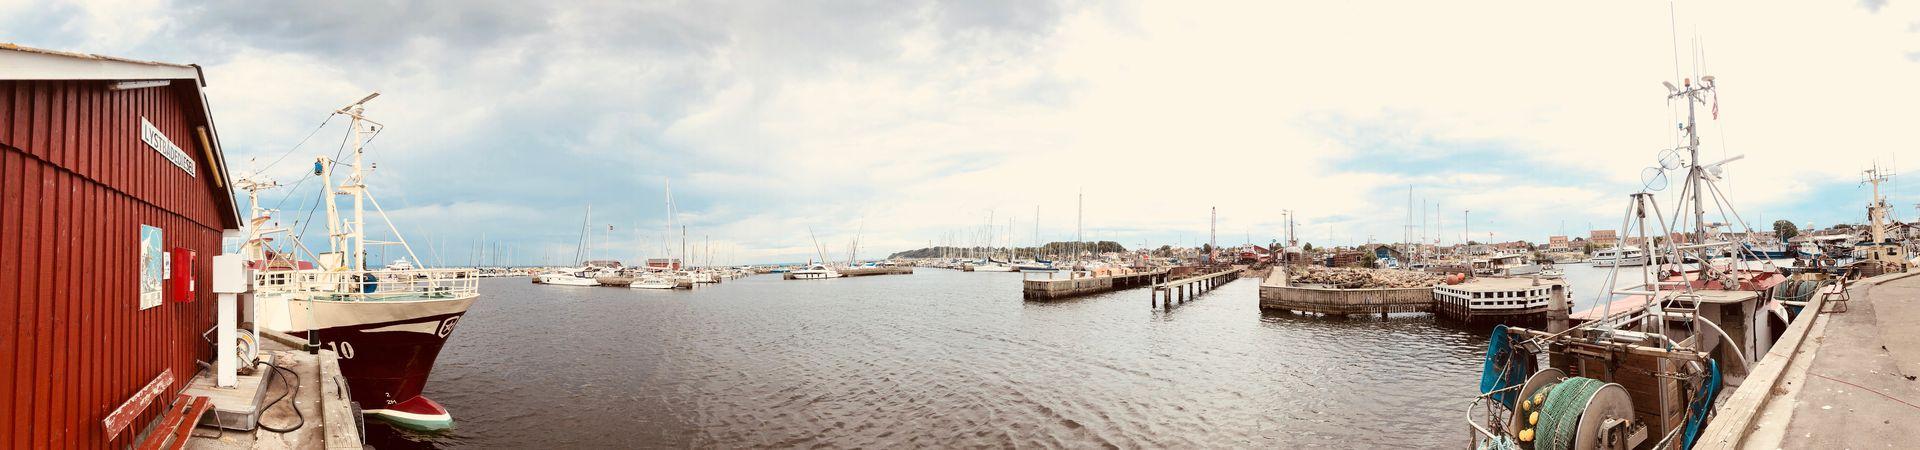 Dänischer geht es kaum als im Hafen von Gilleleje.